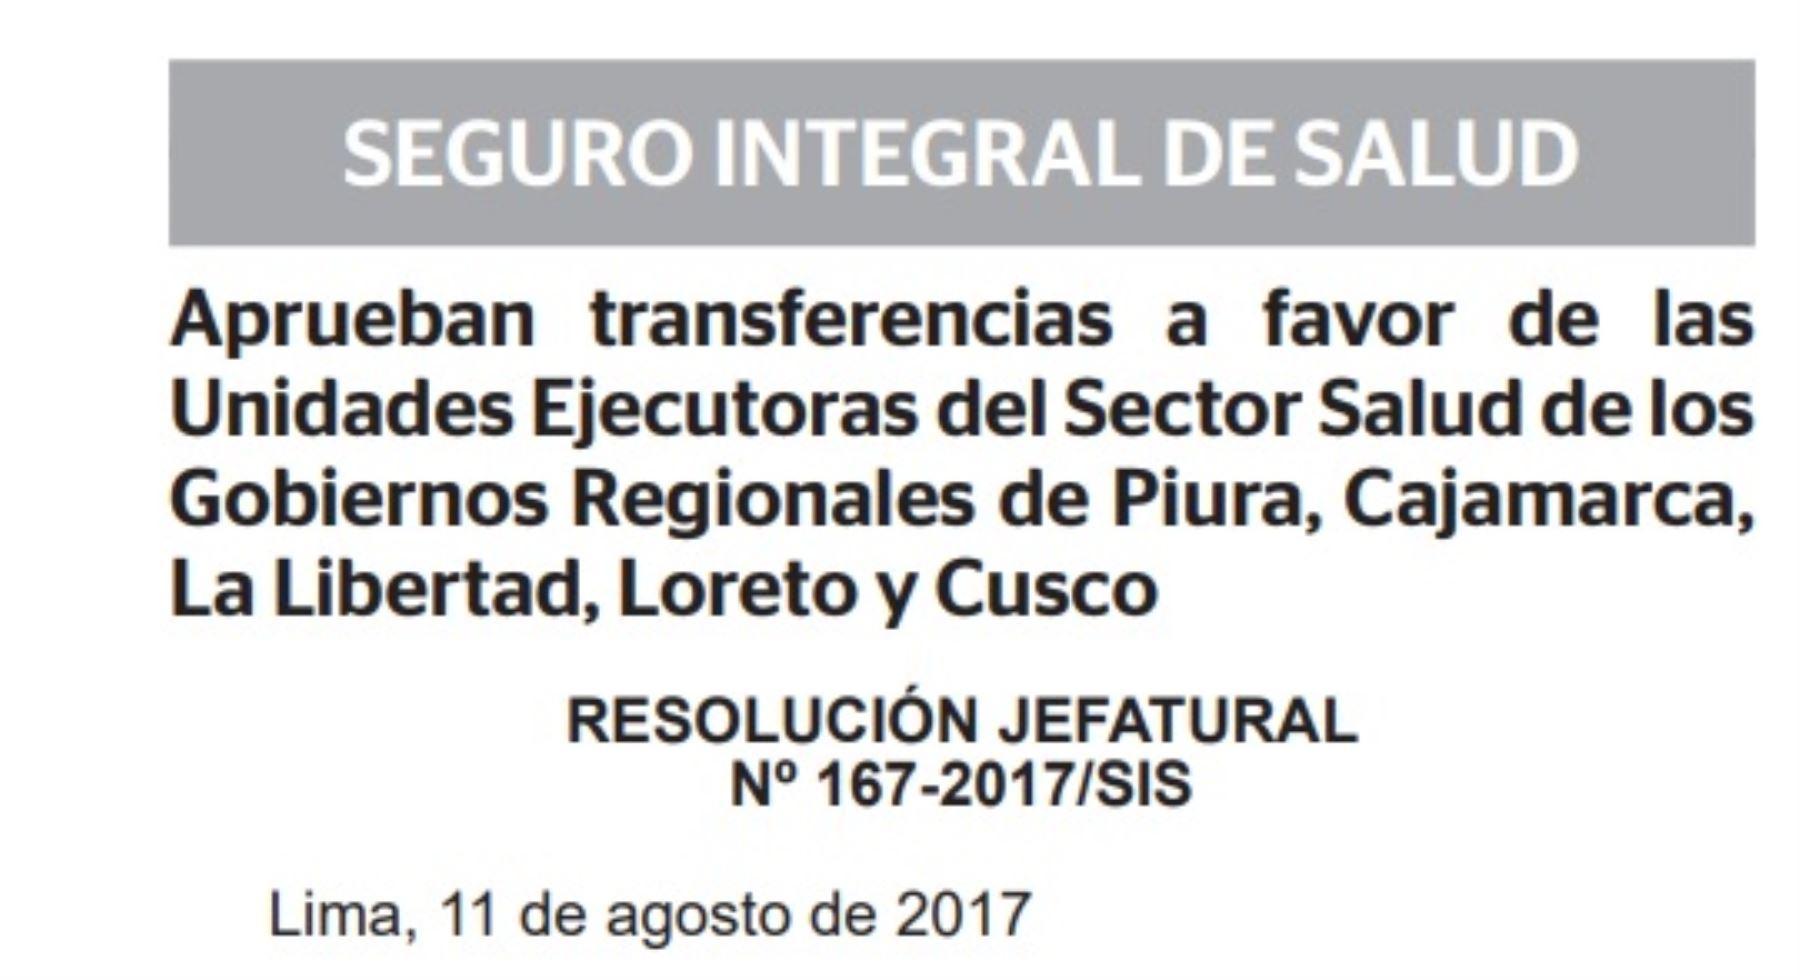 El Seguro Integral de Salud (SIS) ha aprobado transferencias que suman 330 millones de soles a favor de las unidades ejecutoras del Sector Salud de los Gobiernos Regionales para financiar las prestaciones de salud brindadas a los asegurados.